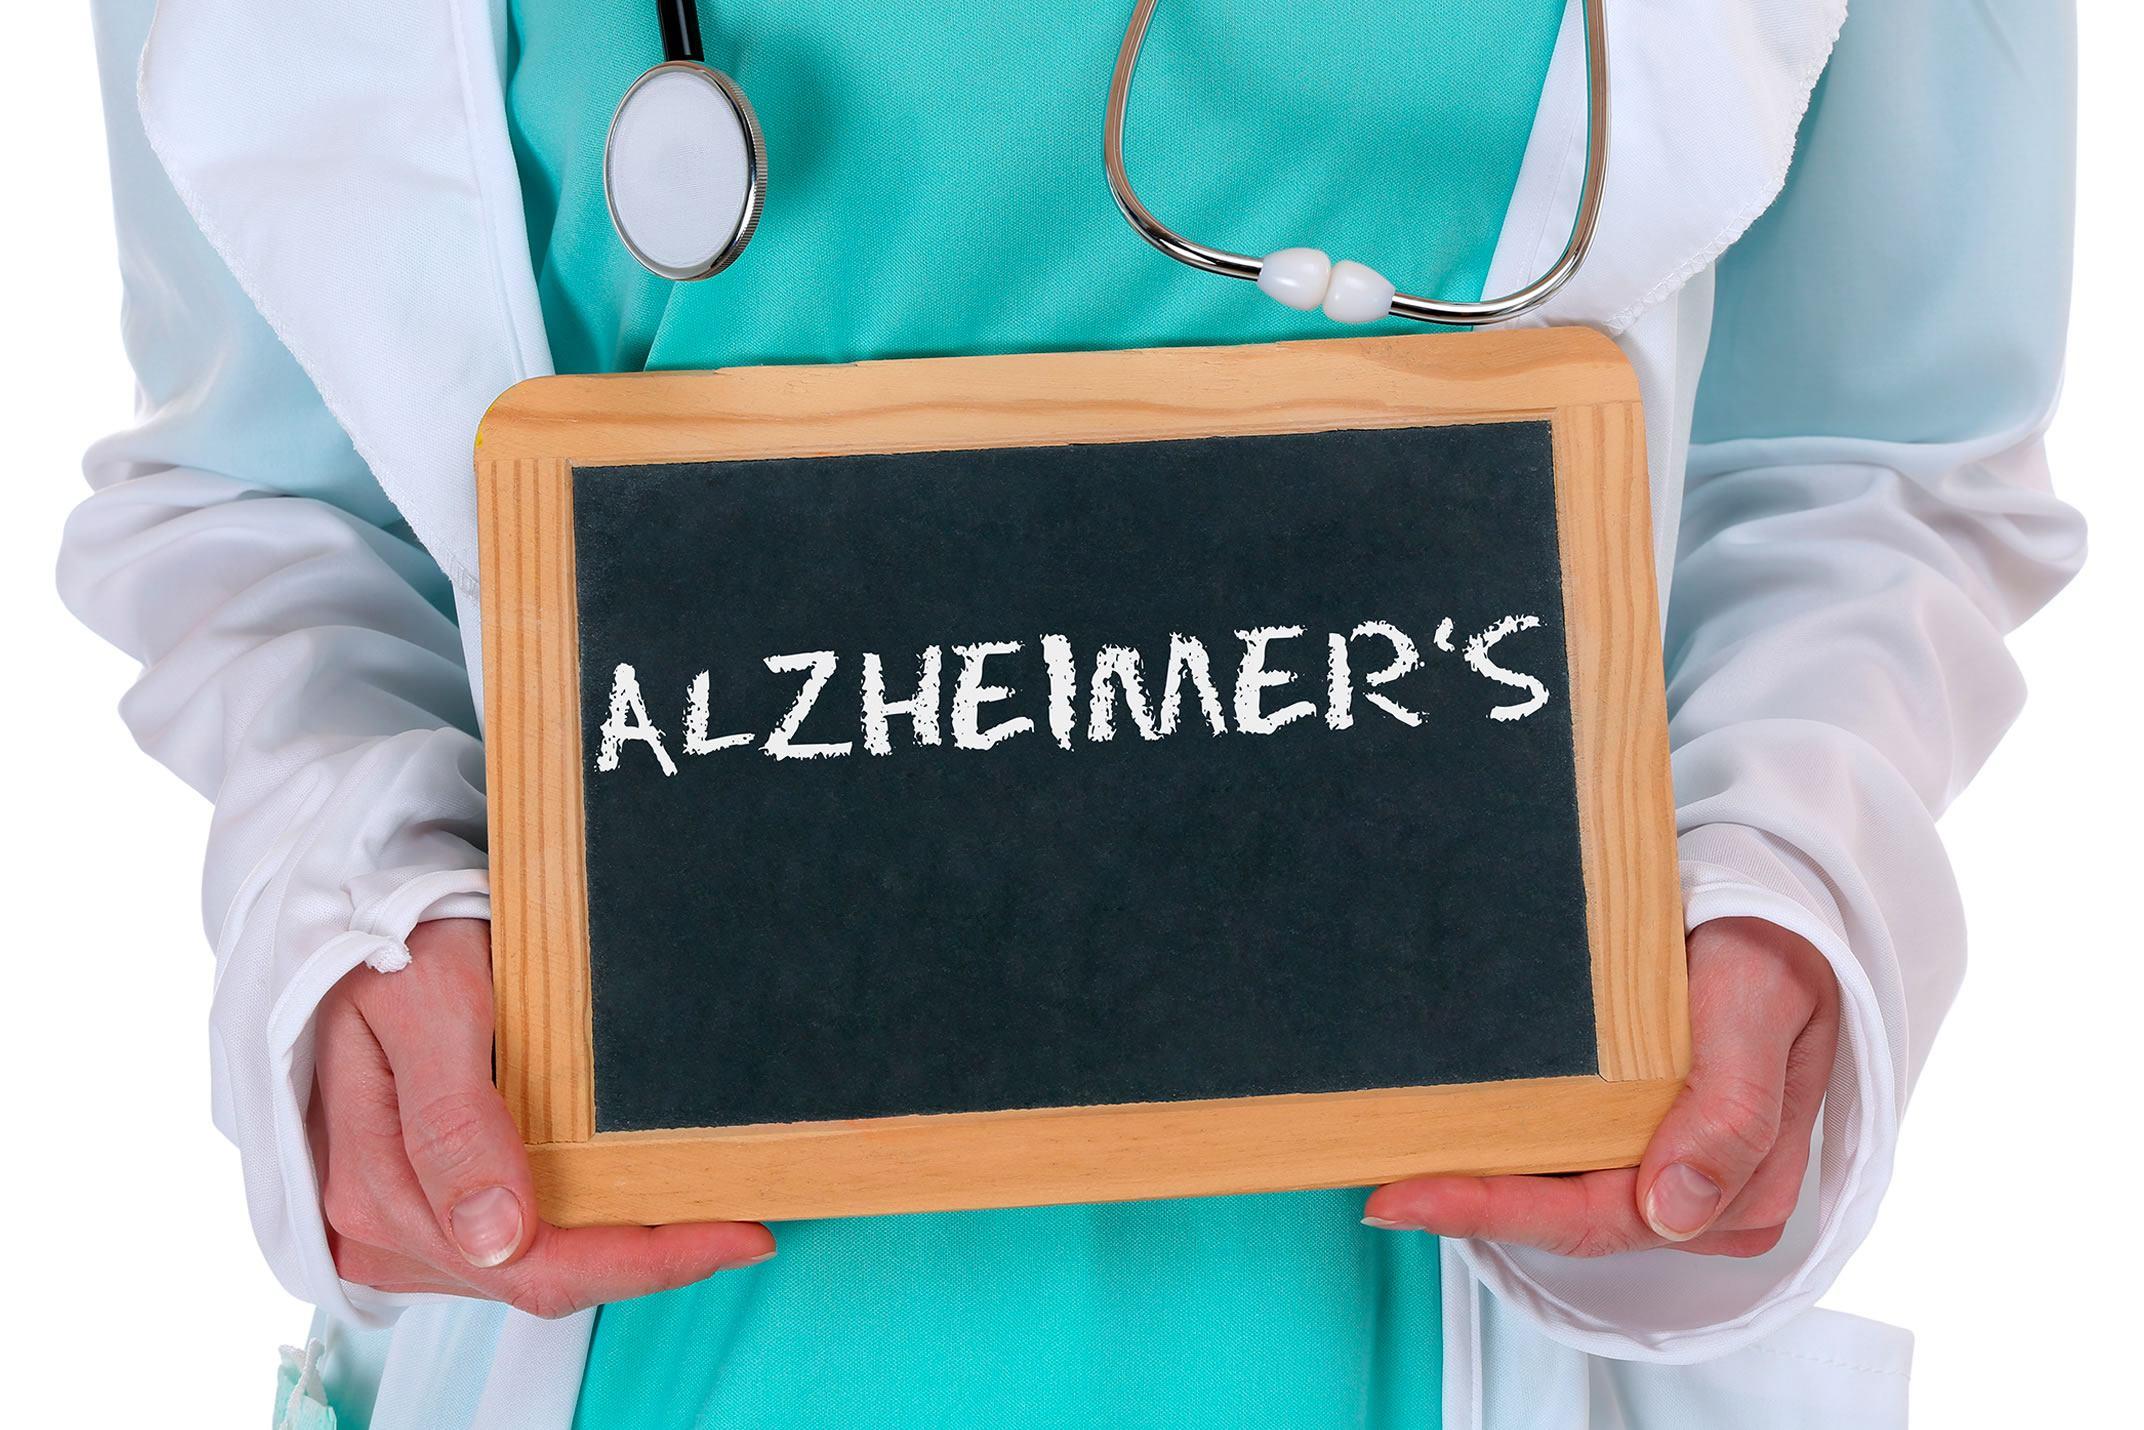 Atorvastatina Aumenta o Fluxo Sanguíneo Cerebral em Adultos de Meia-Idade com Risco de Desenvolver Alzheimer